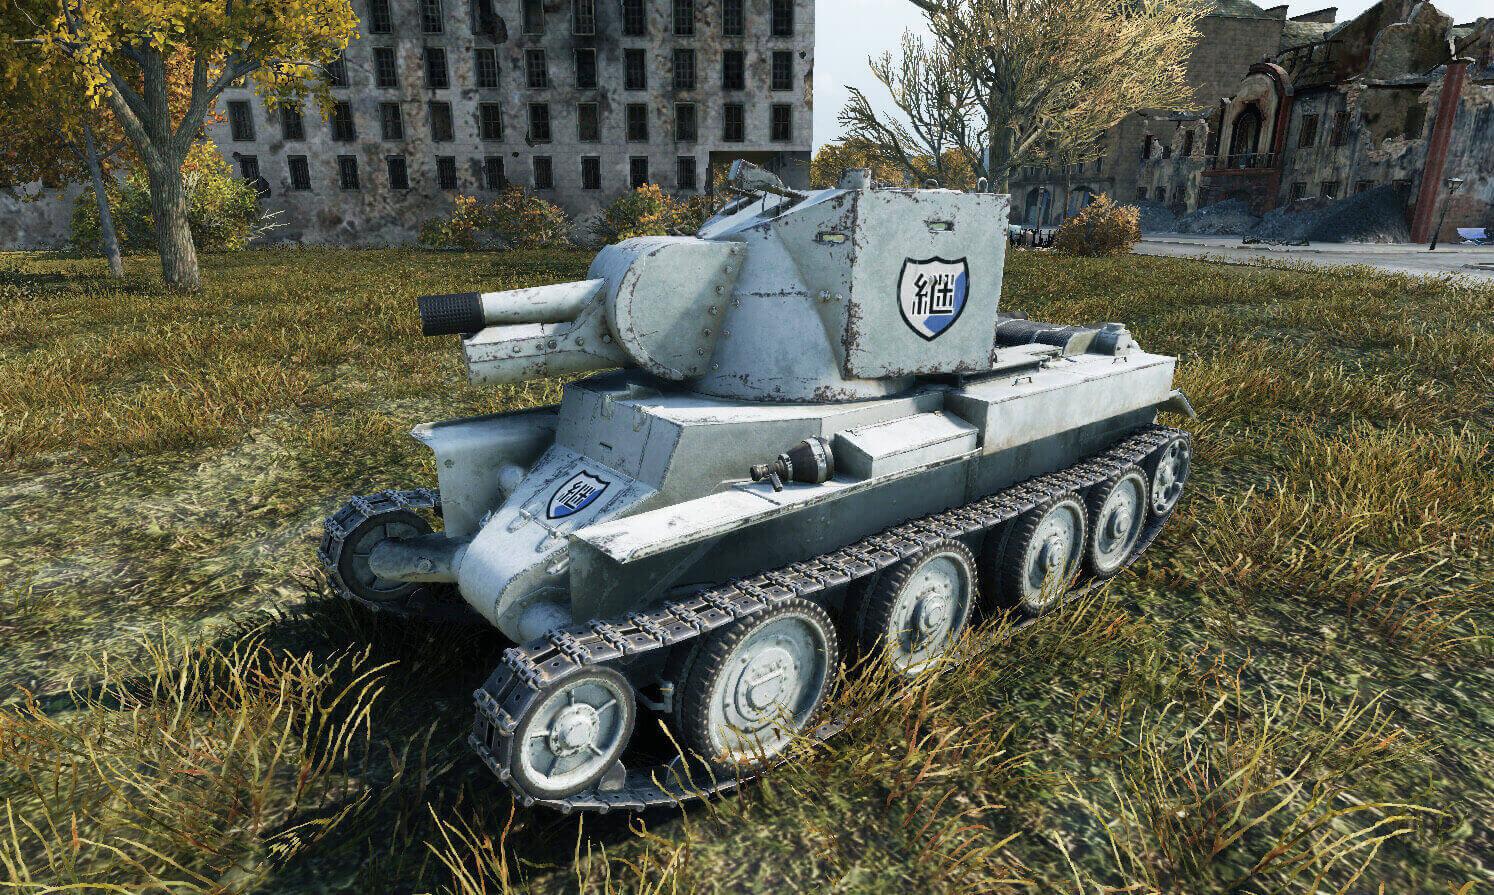 1 11 更新 ガールズ パンツァー スペシャルmod Ver 9 21 最終章版 を公開 一般ニュース ニュース World Of Tanks World Of Tanks